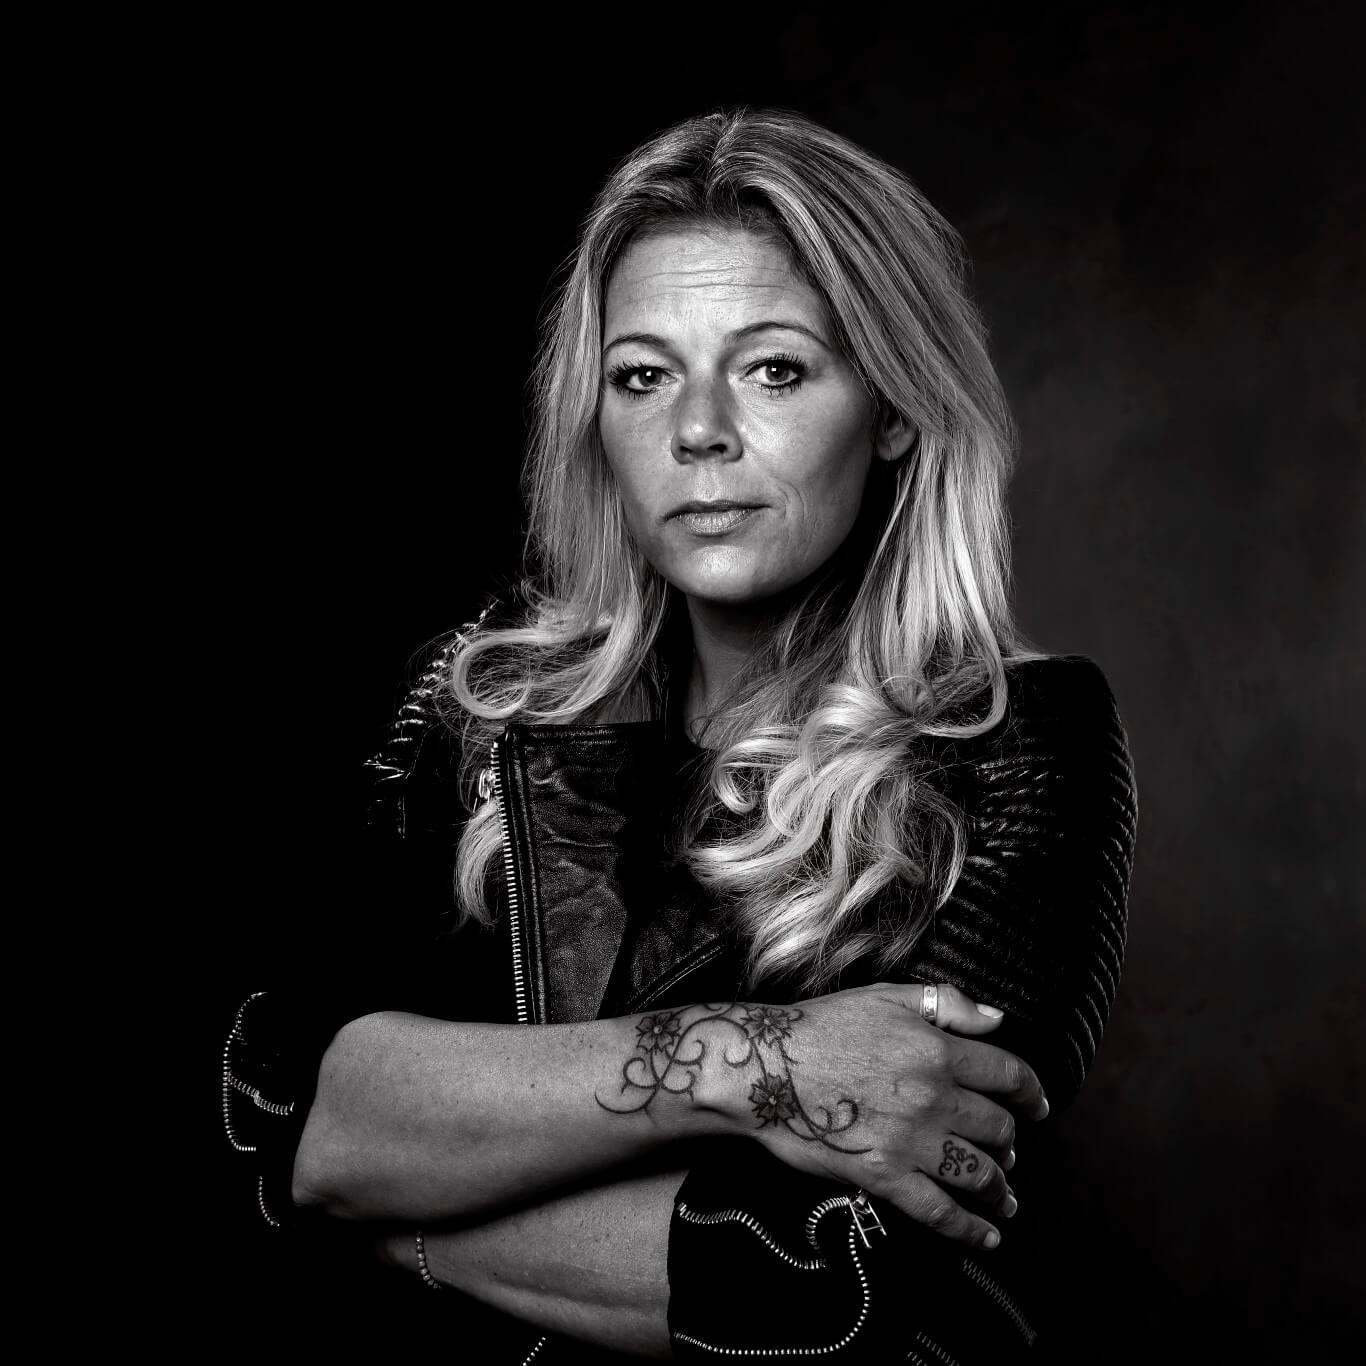 Serie 'In the picture', bekende Bergenaren voor flessenpostuitbergen.nl